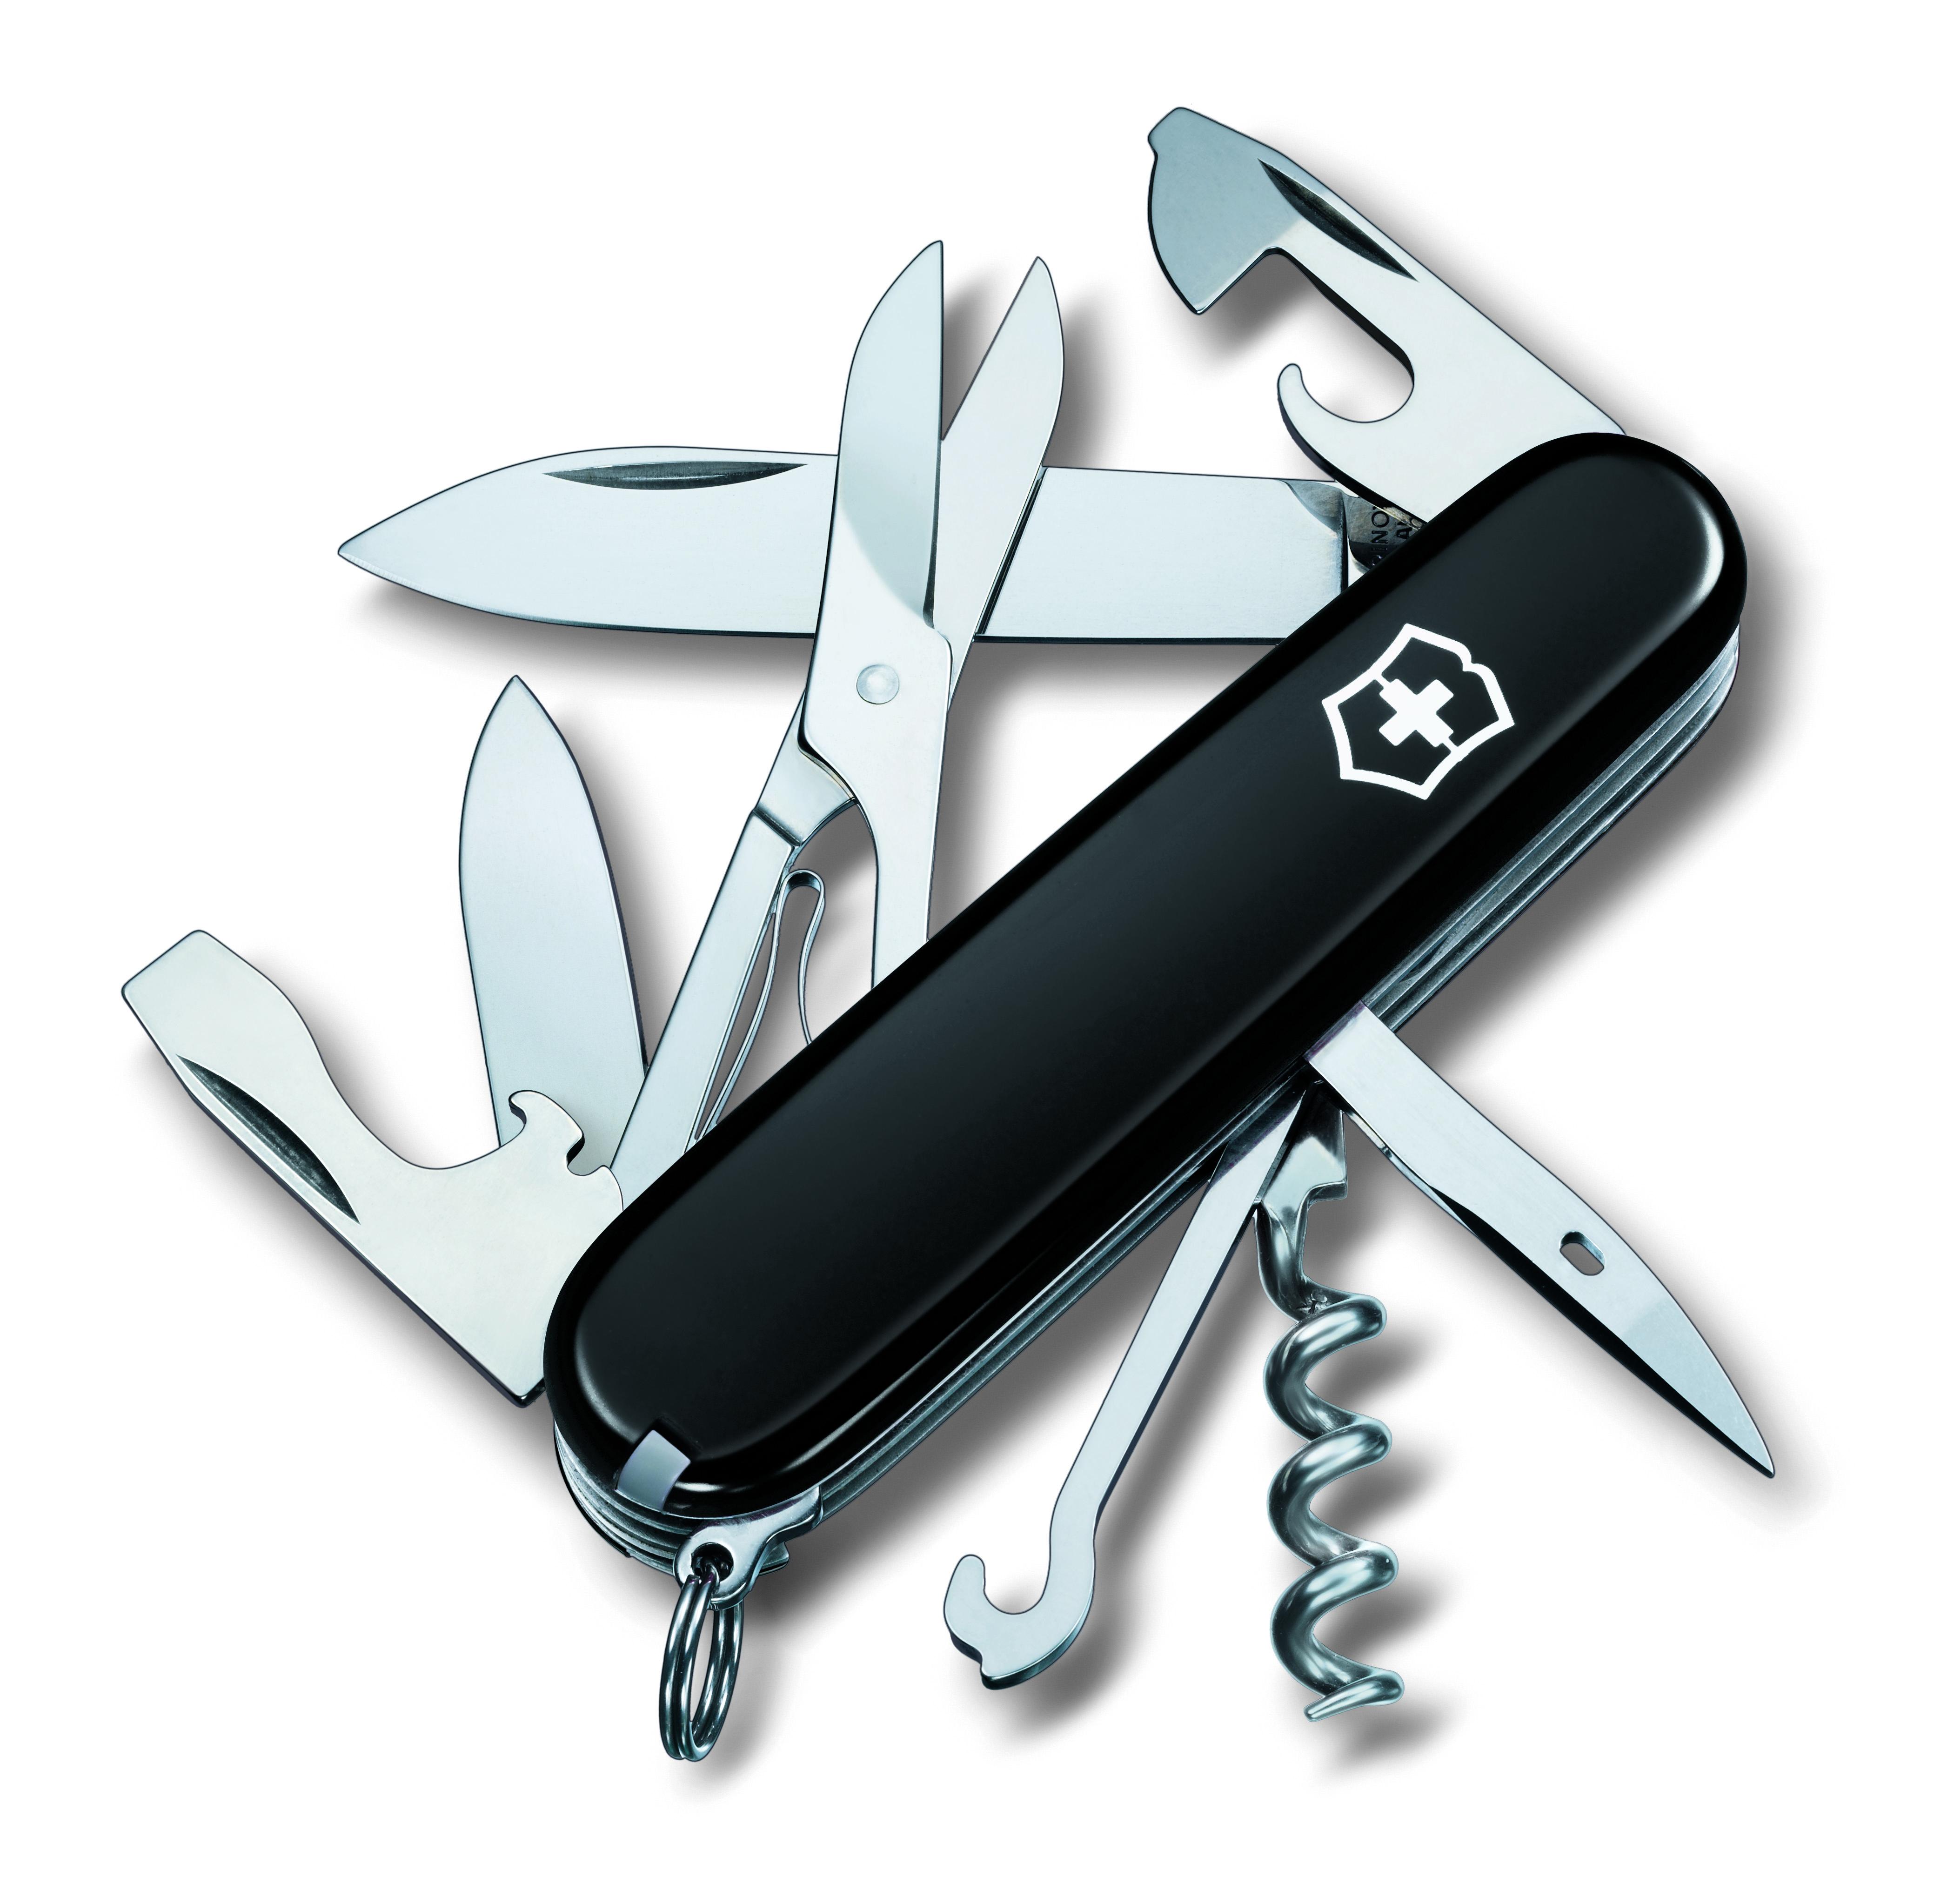 Нож перочинный Victorinox Climber, 14 функций, цвет: черный, длина клинка 68 мм1.3703.3Маленький красный карманный нож с эмблемой креста на щите на рукояти — самый узнаваемый символ компании Victorinox.В 1897 году основатель компании Карл Эльзенер разработал первый Швейцарский армейский нож. Более 130 лет компания Victorinox разрабатывает продукты,которые не просто уникальны по дизайну и качеству,но и способны стать верными спутниками по жизни как для великих,так и для небольших приключений. Швейцарский армейский нож Climber имеет 14 функций:1. Большое лезвие2. Малое лезвие3. Штопор4. Консервный нож с:5. – Малой отвeрткой6. Открывалка для бутылок с:7. – Отверткой8. – Инструментом для снятия изоляции9. Шило, кернер10. Кольцо для ключей11. Пинцет12. Зубочистка13. Ножницы14. Многофункциональный крючокРекомендуемые чехлы: 4.0480.1, 4.0480.3, 4.0520.1, 4.0520.3, 4.0520.31, 4.0520.32, 4.0543.3, 4.0533Рекомендуемые аксессуары:Инструмент для заточки: 4.3311, 4.3323, 4.0567.32Держатели на ремень: 4.1853, 4.1858, 4.1859, 4.1860Цепочки длинные: 4.1813, 4.1814, 4.1815Цепочки короткие: 4.1820Комбинированные цепочки: 4.1854Шнурок с карабином: 4.1879Масло смазочное: 4.3301